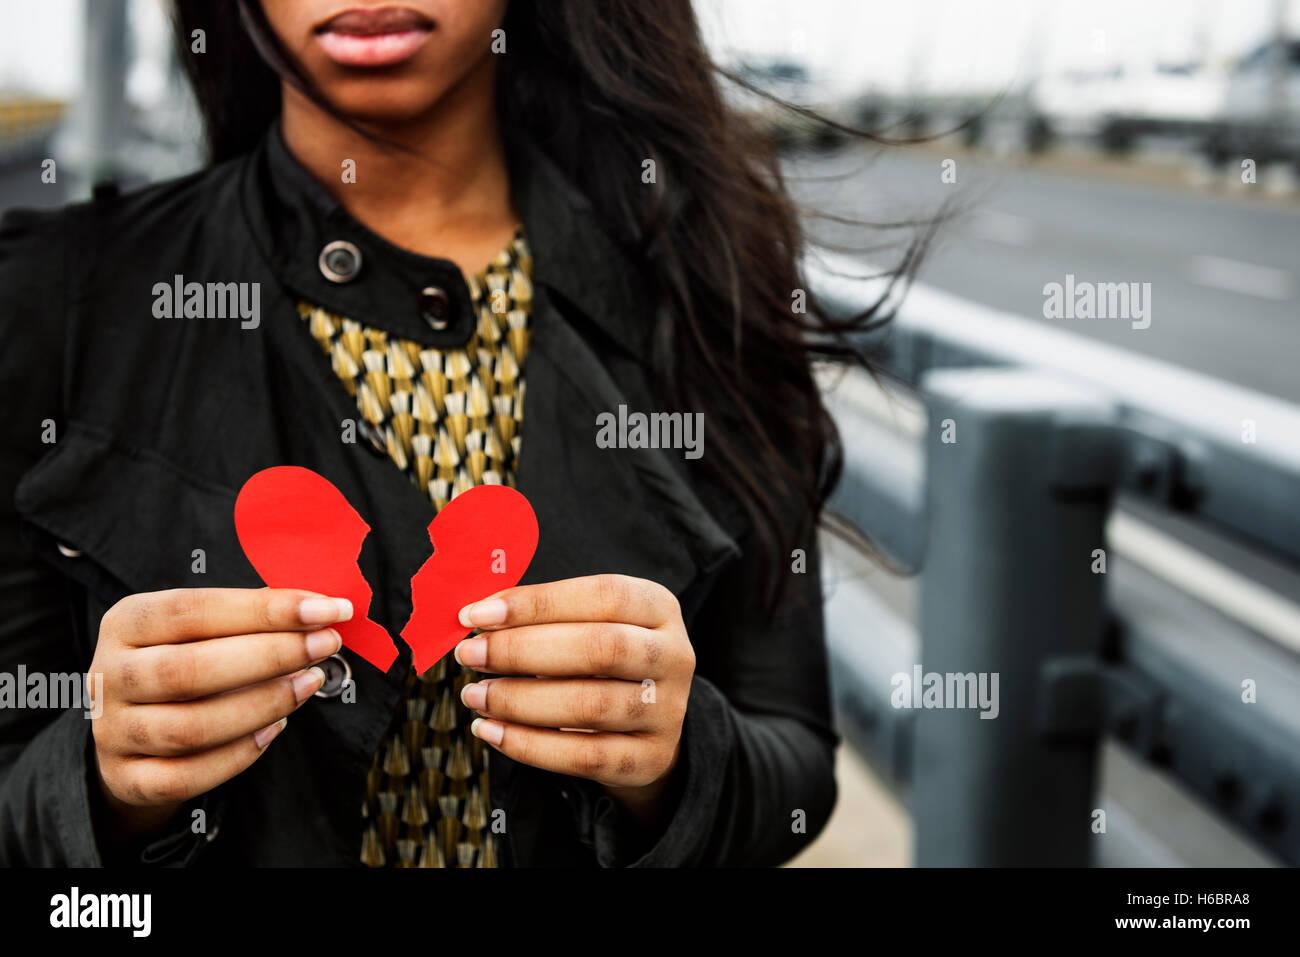 Liebe Schmerz verletzt Depressive enttäuscht gebrochen Konzept Stockbild